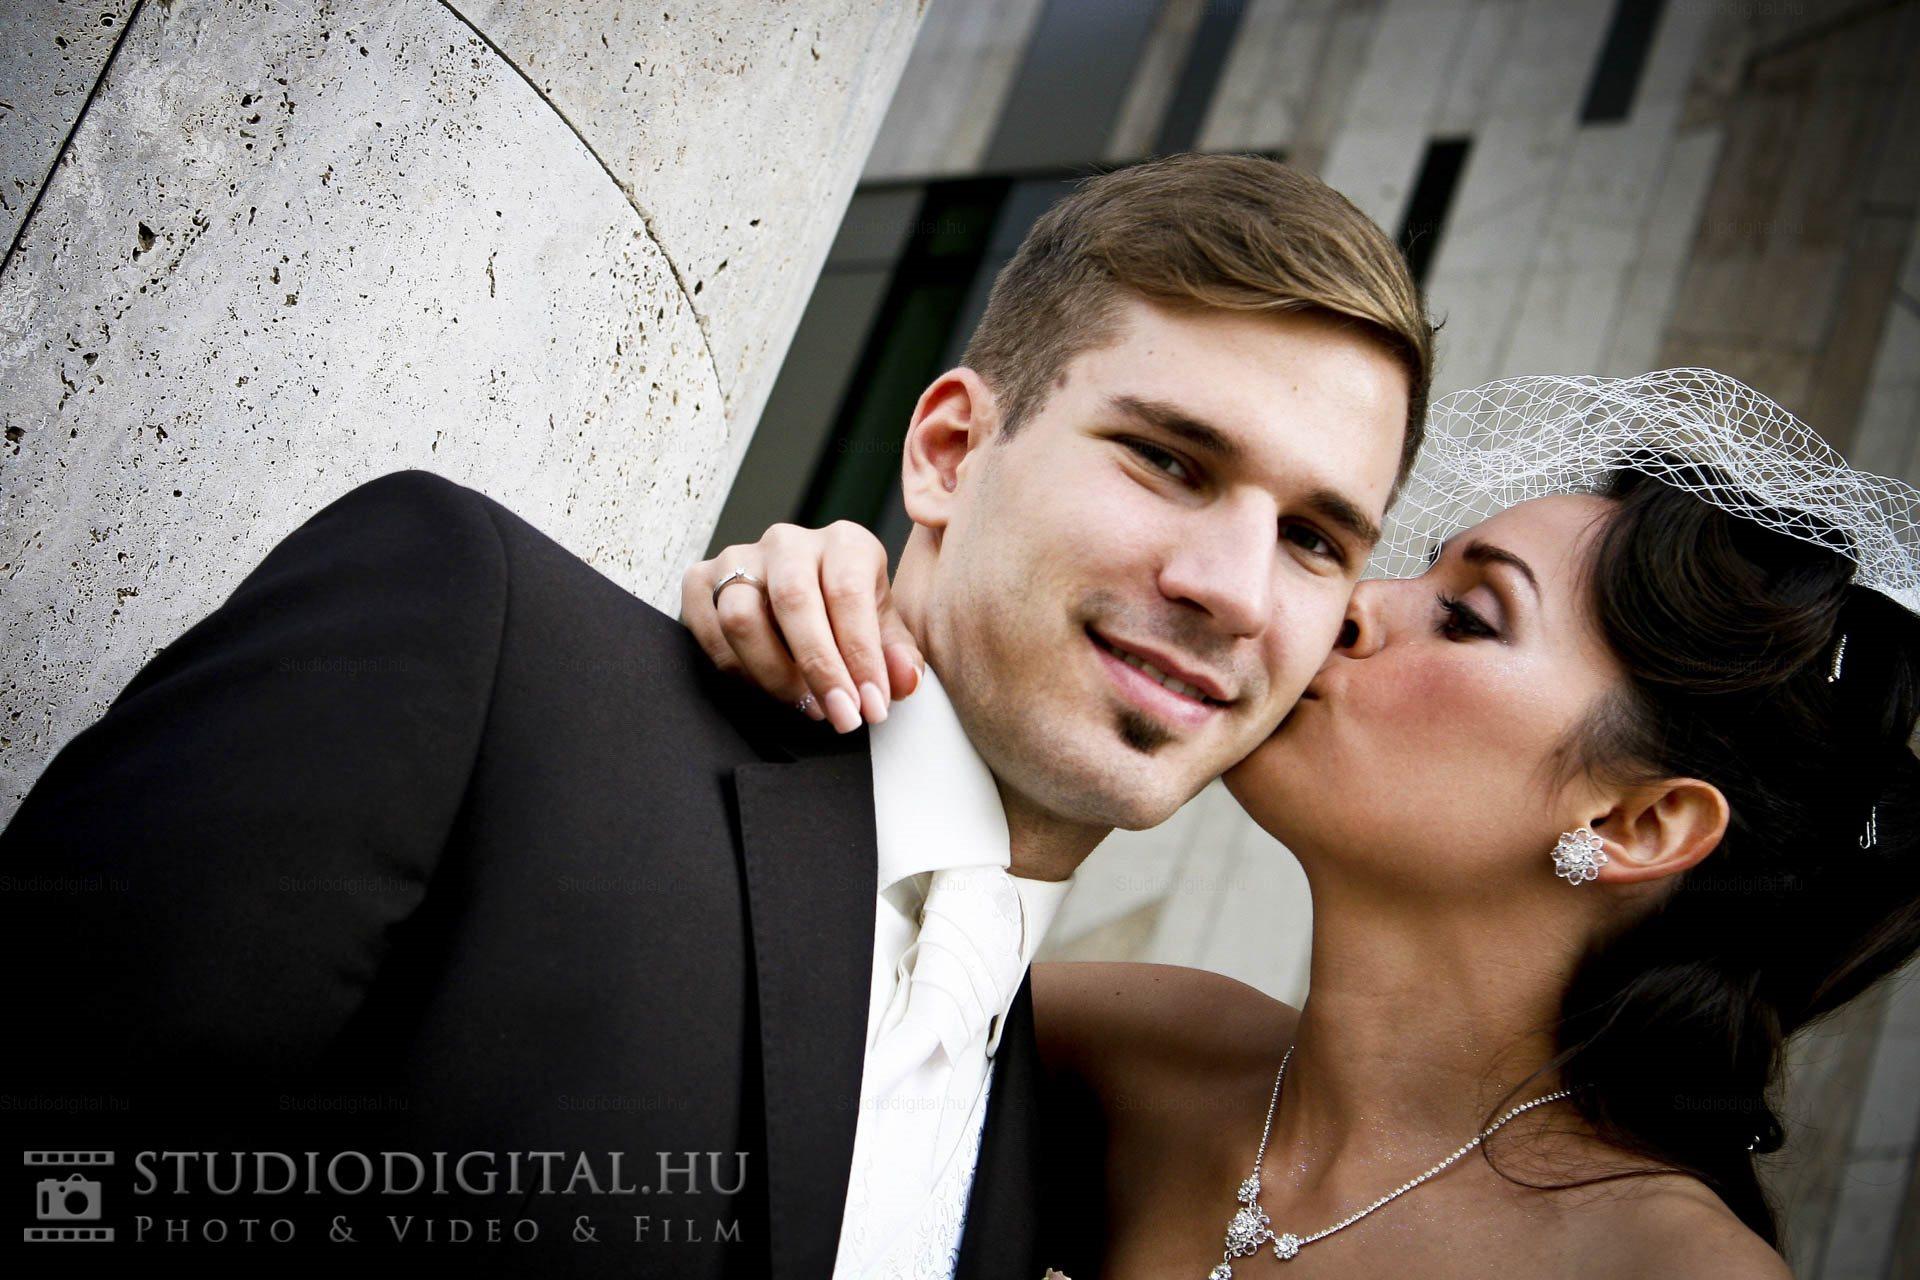 Kreatív-esküvői-fotó-14